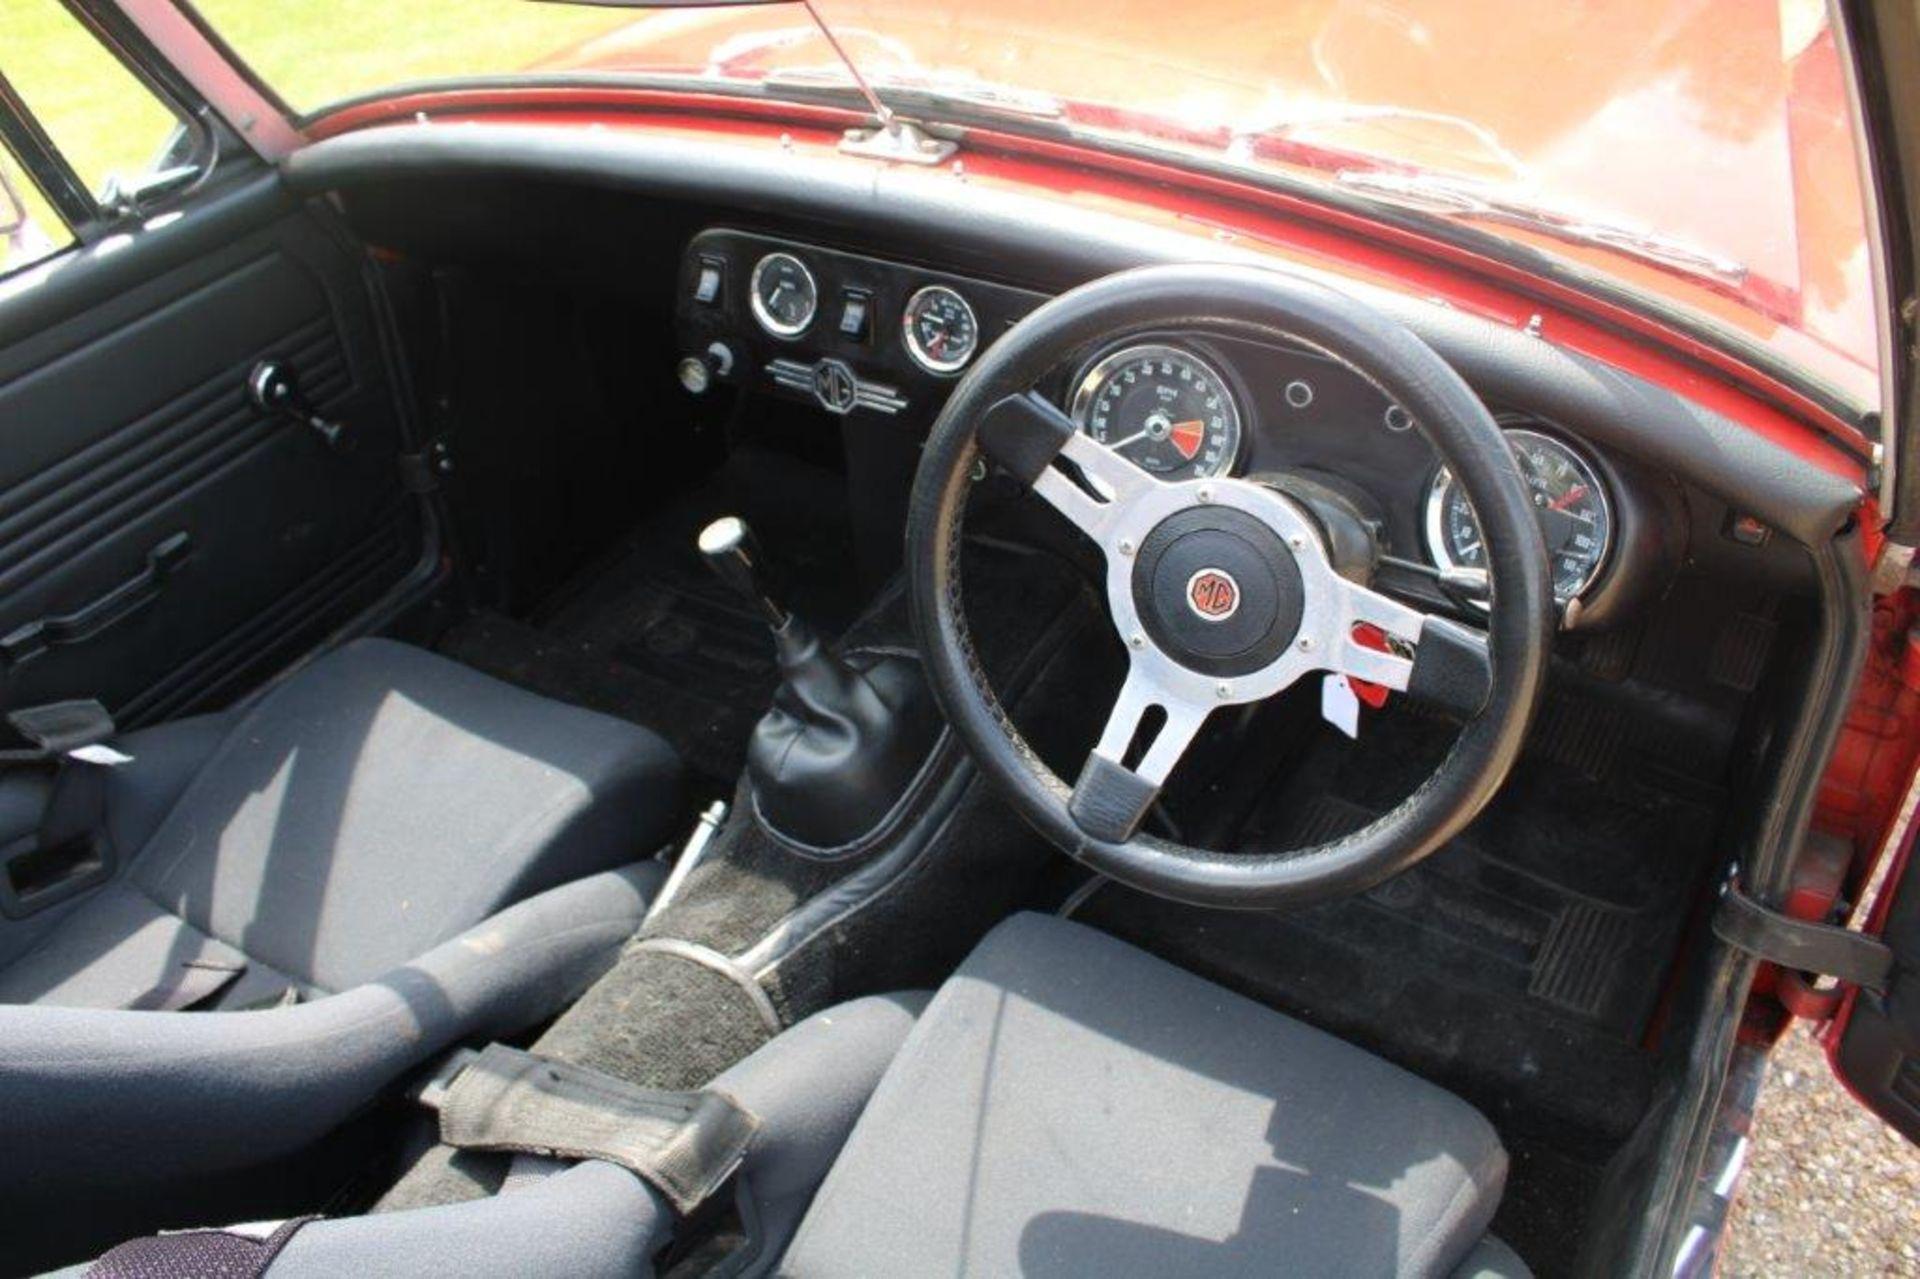 1973 MG Midget MK III - Image 12 of 25